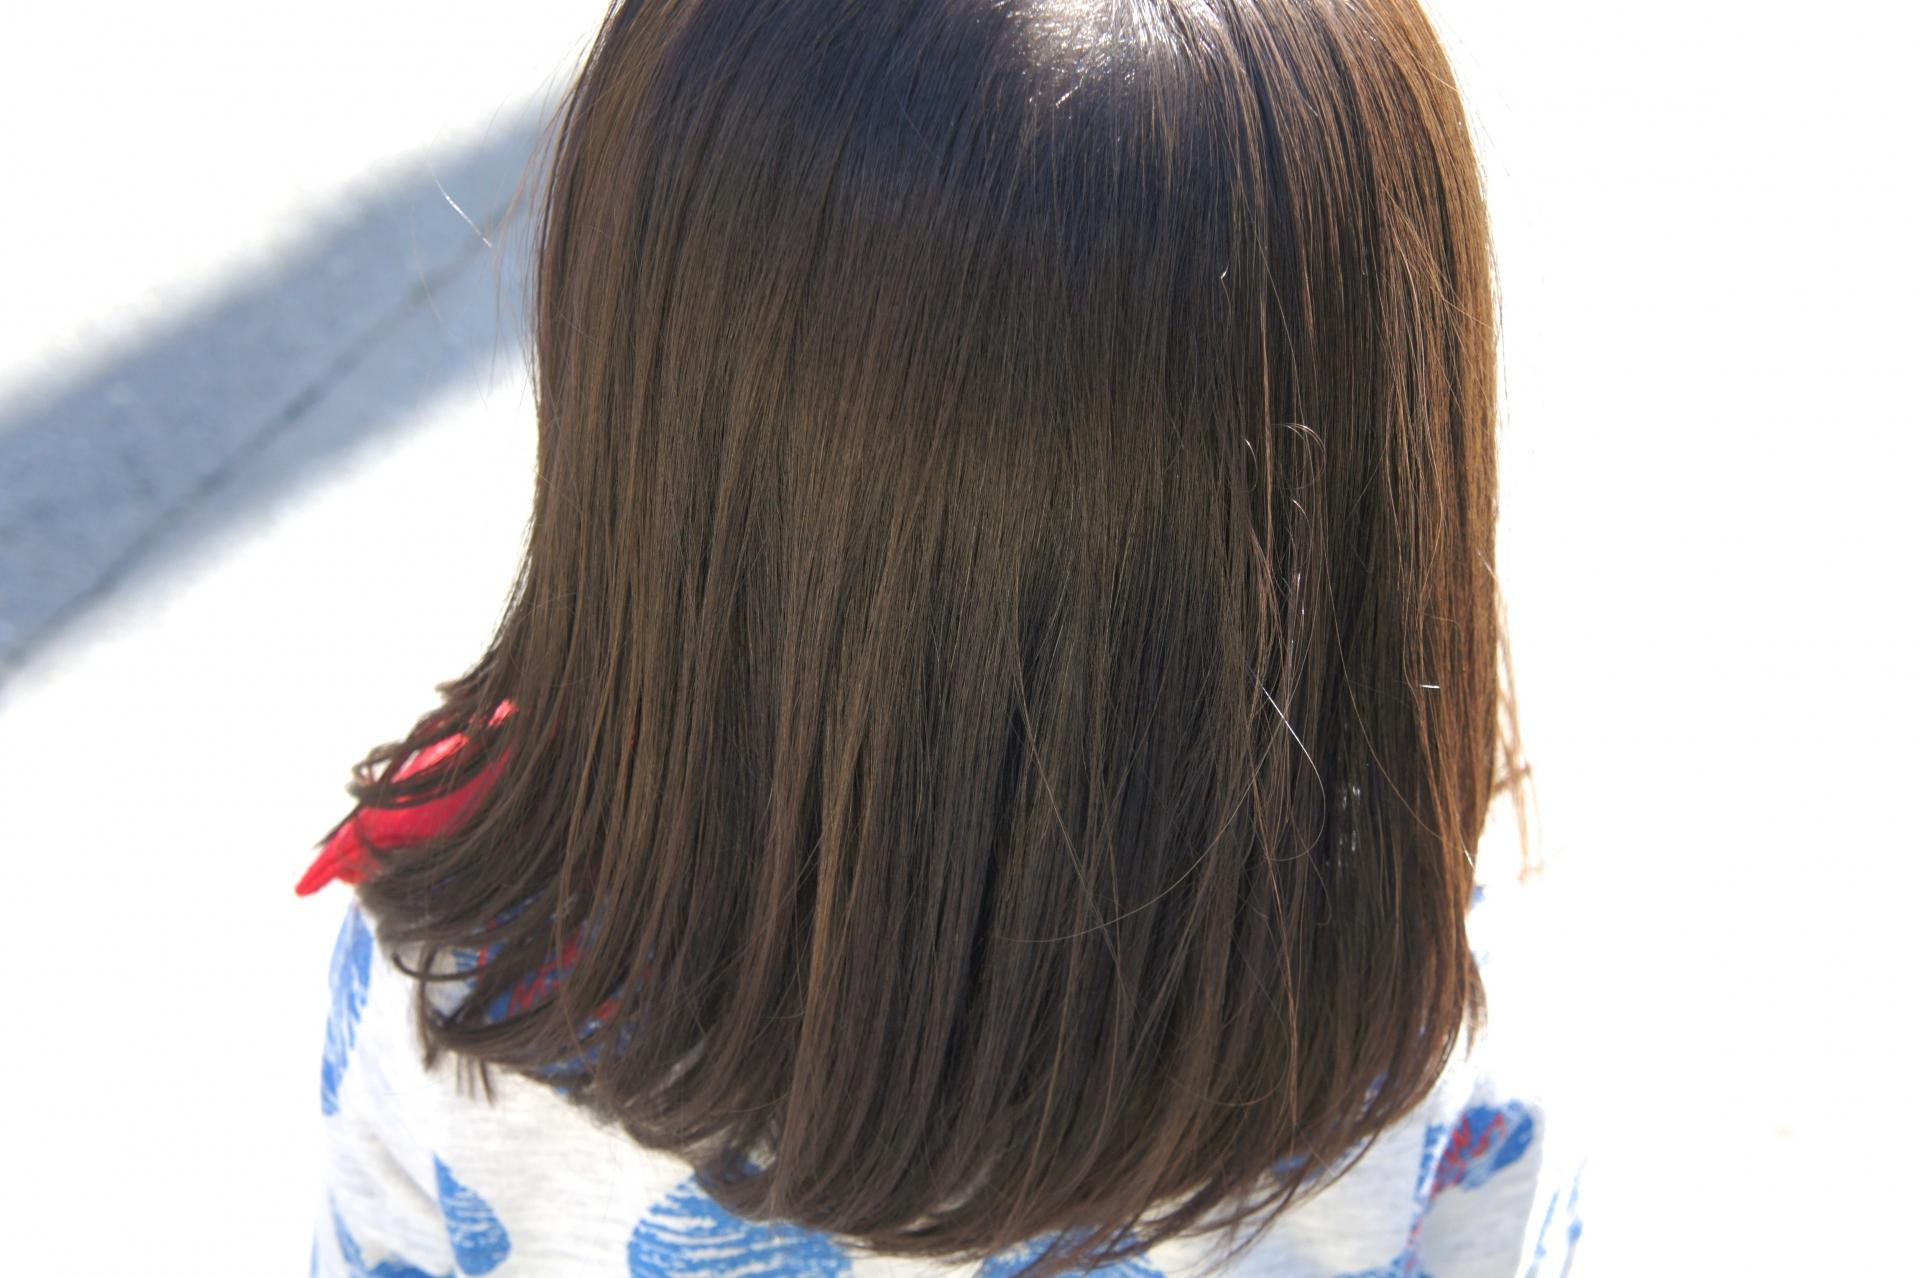 医療用ウイッグを必要としてる子供たちのために、自分の「髪」を無償で提供するという、髪の長い方ならどなたでもできるボランティアです。